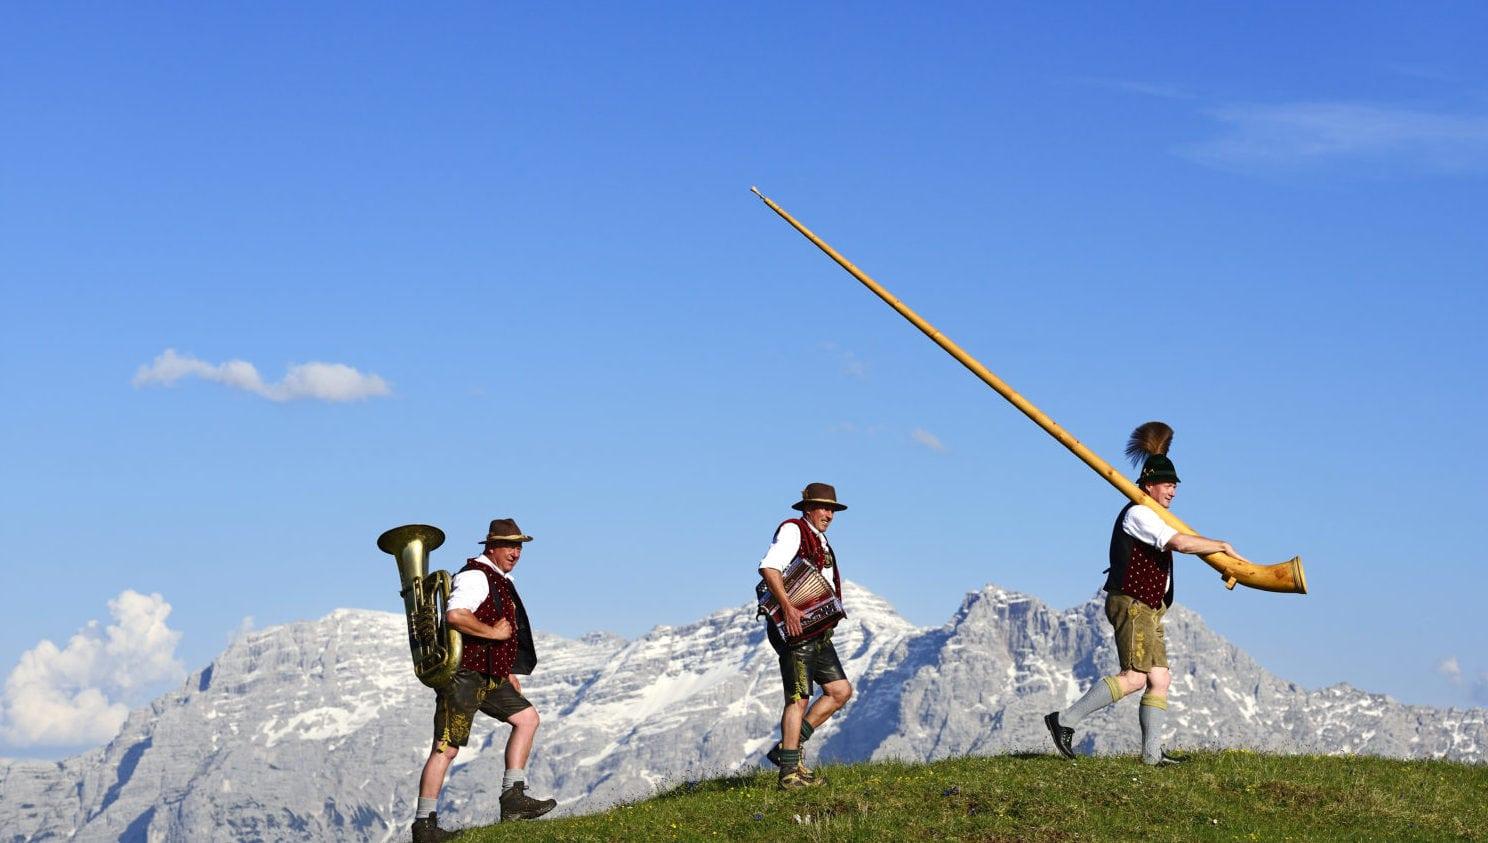 'Die Drei Bergfexen' goed voor een spontaan optreden.